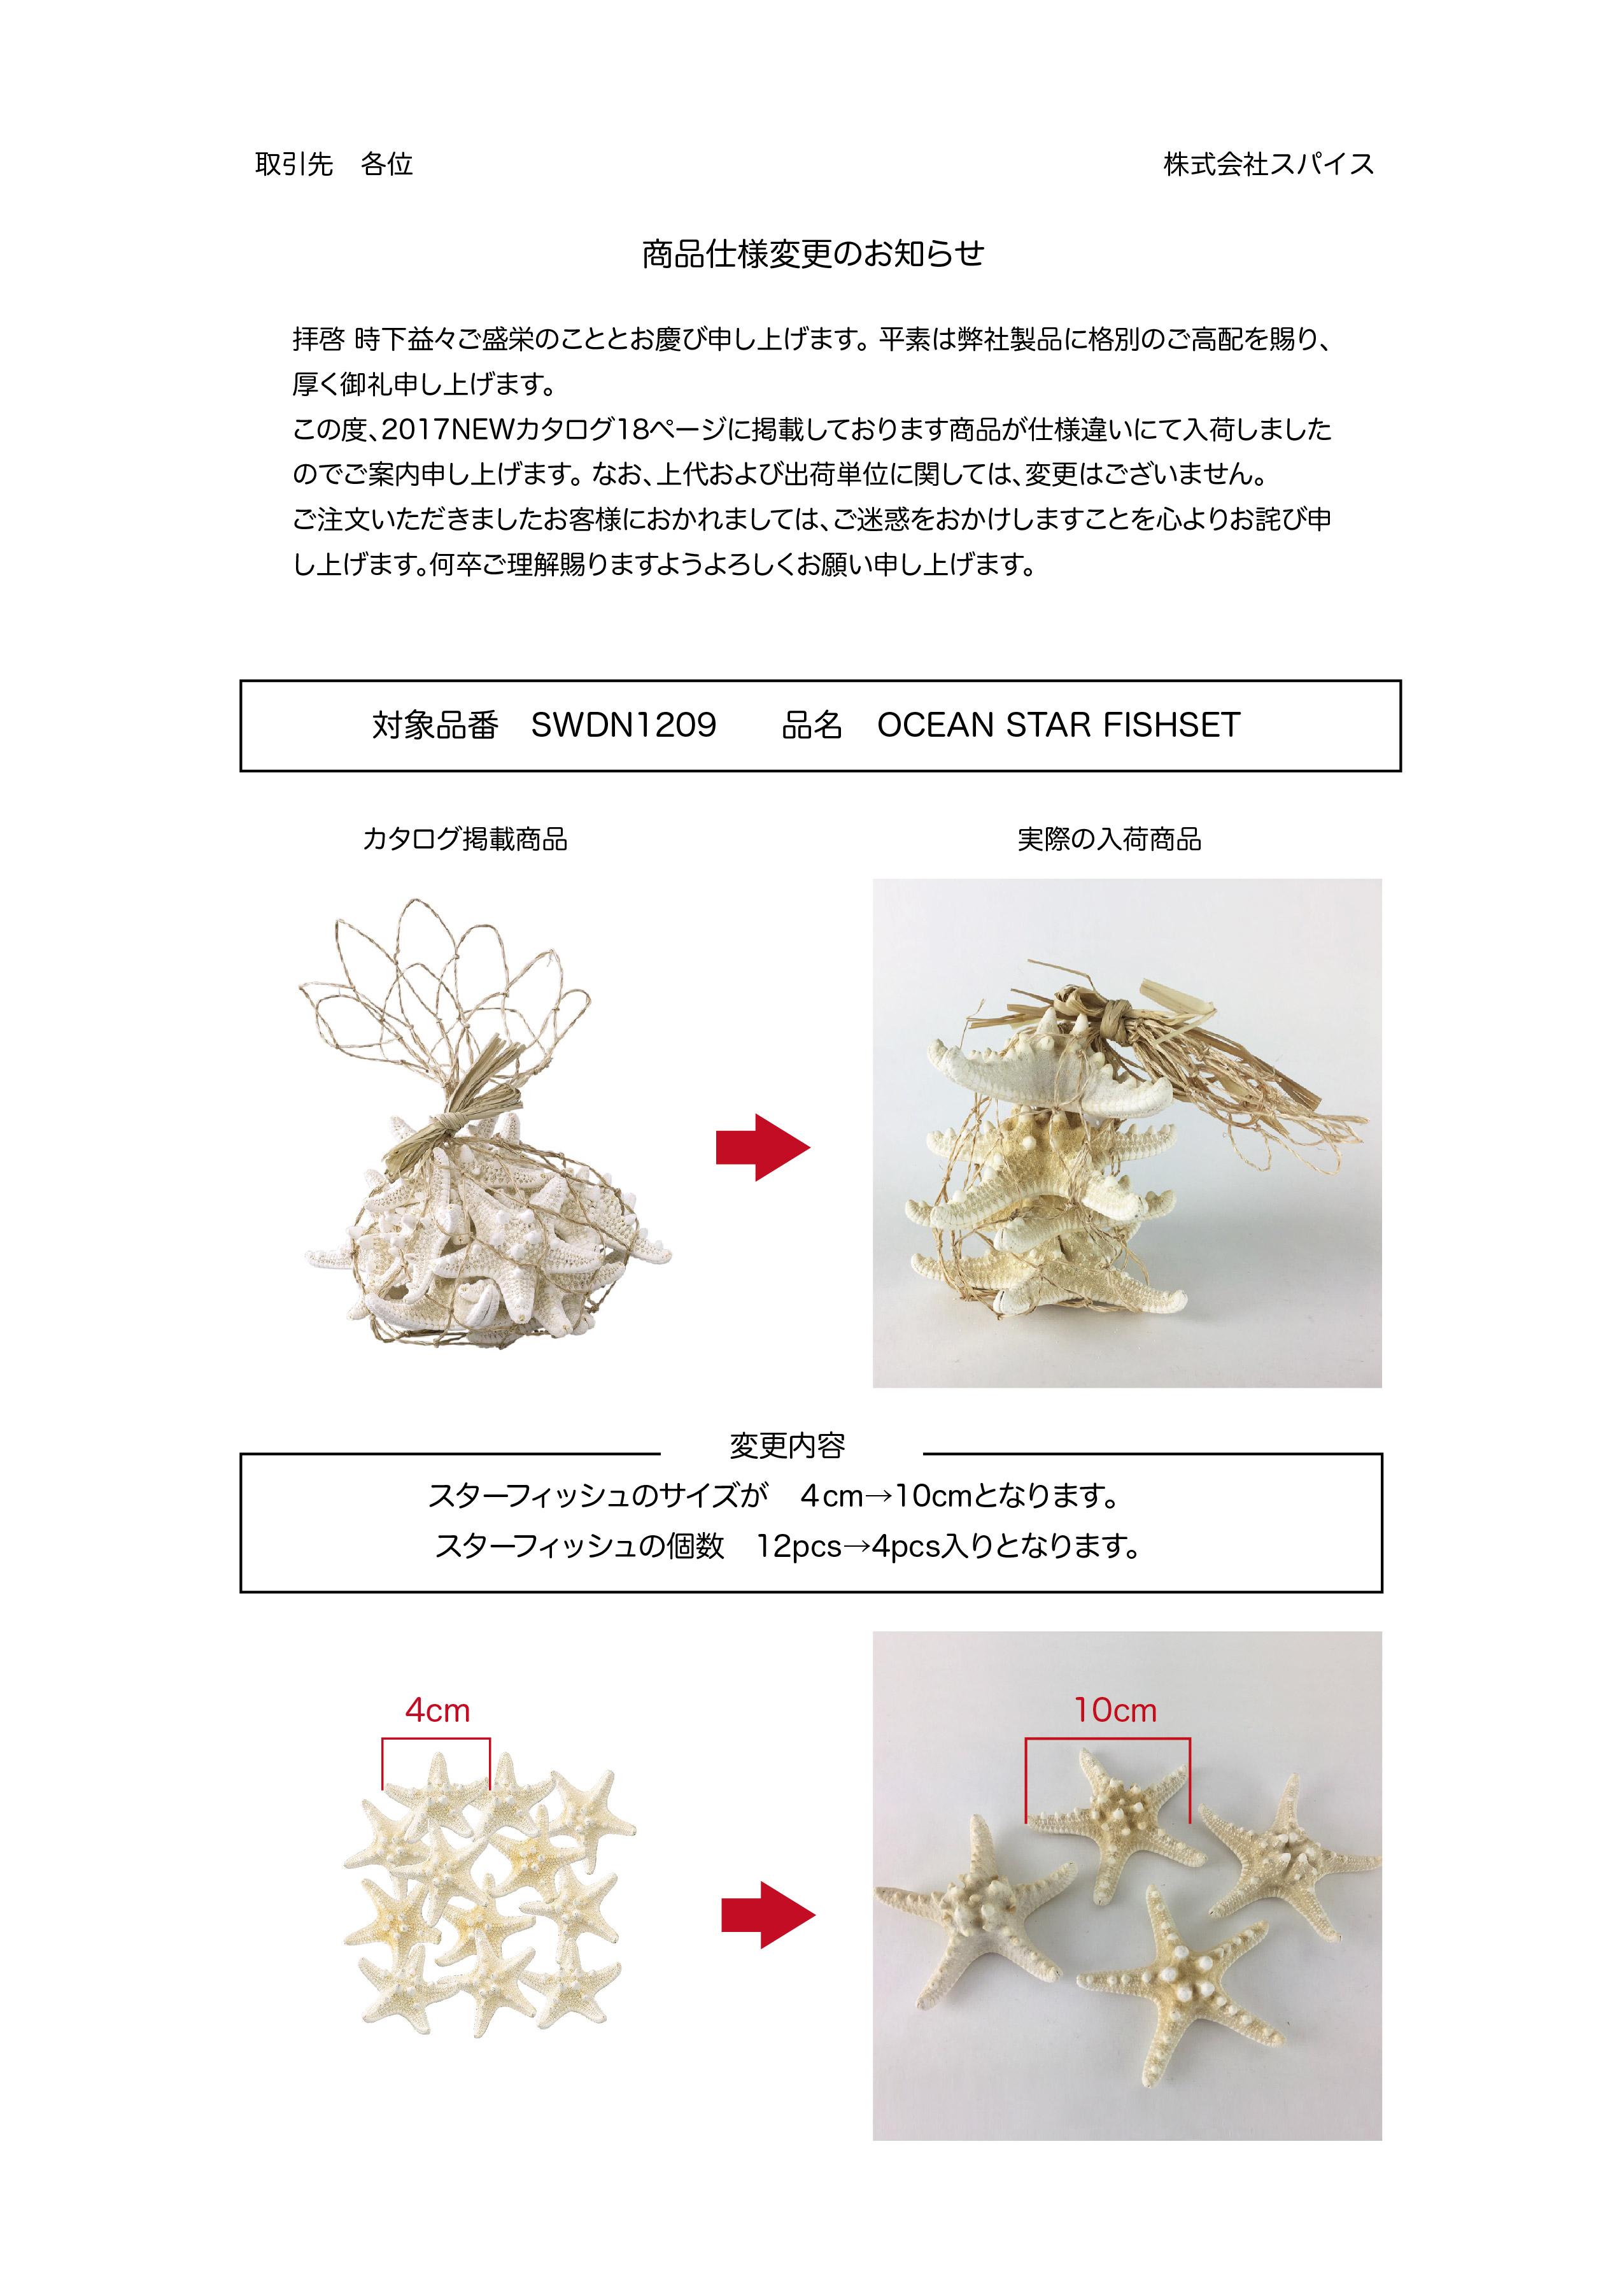 SWDN1209_oshirase--01